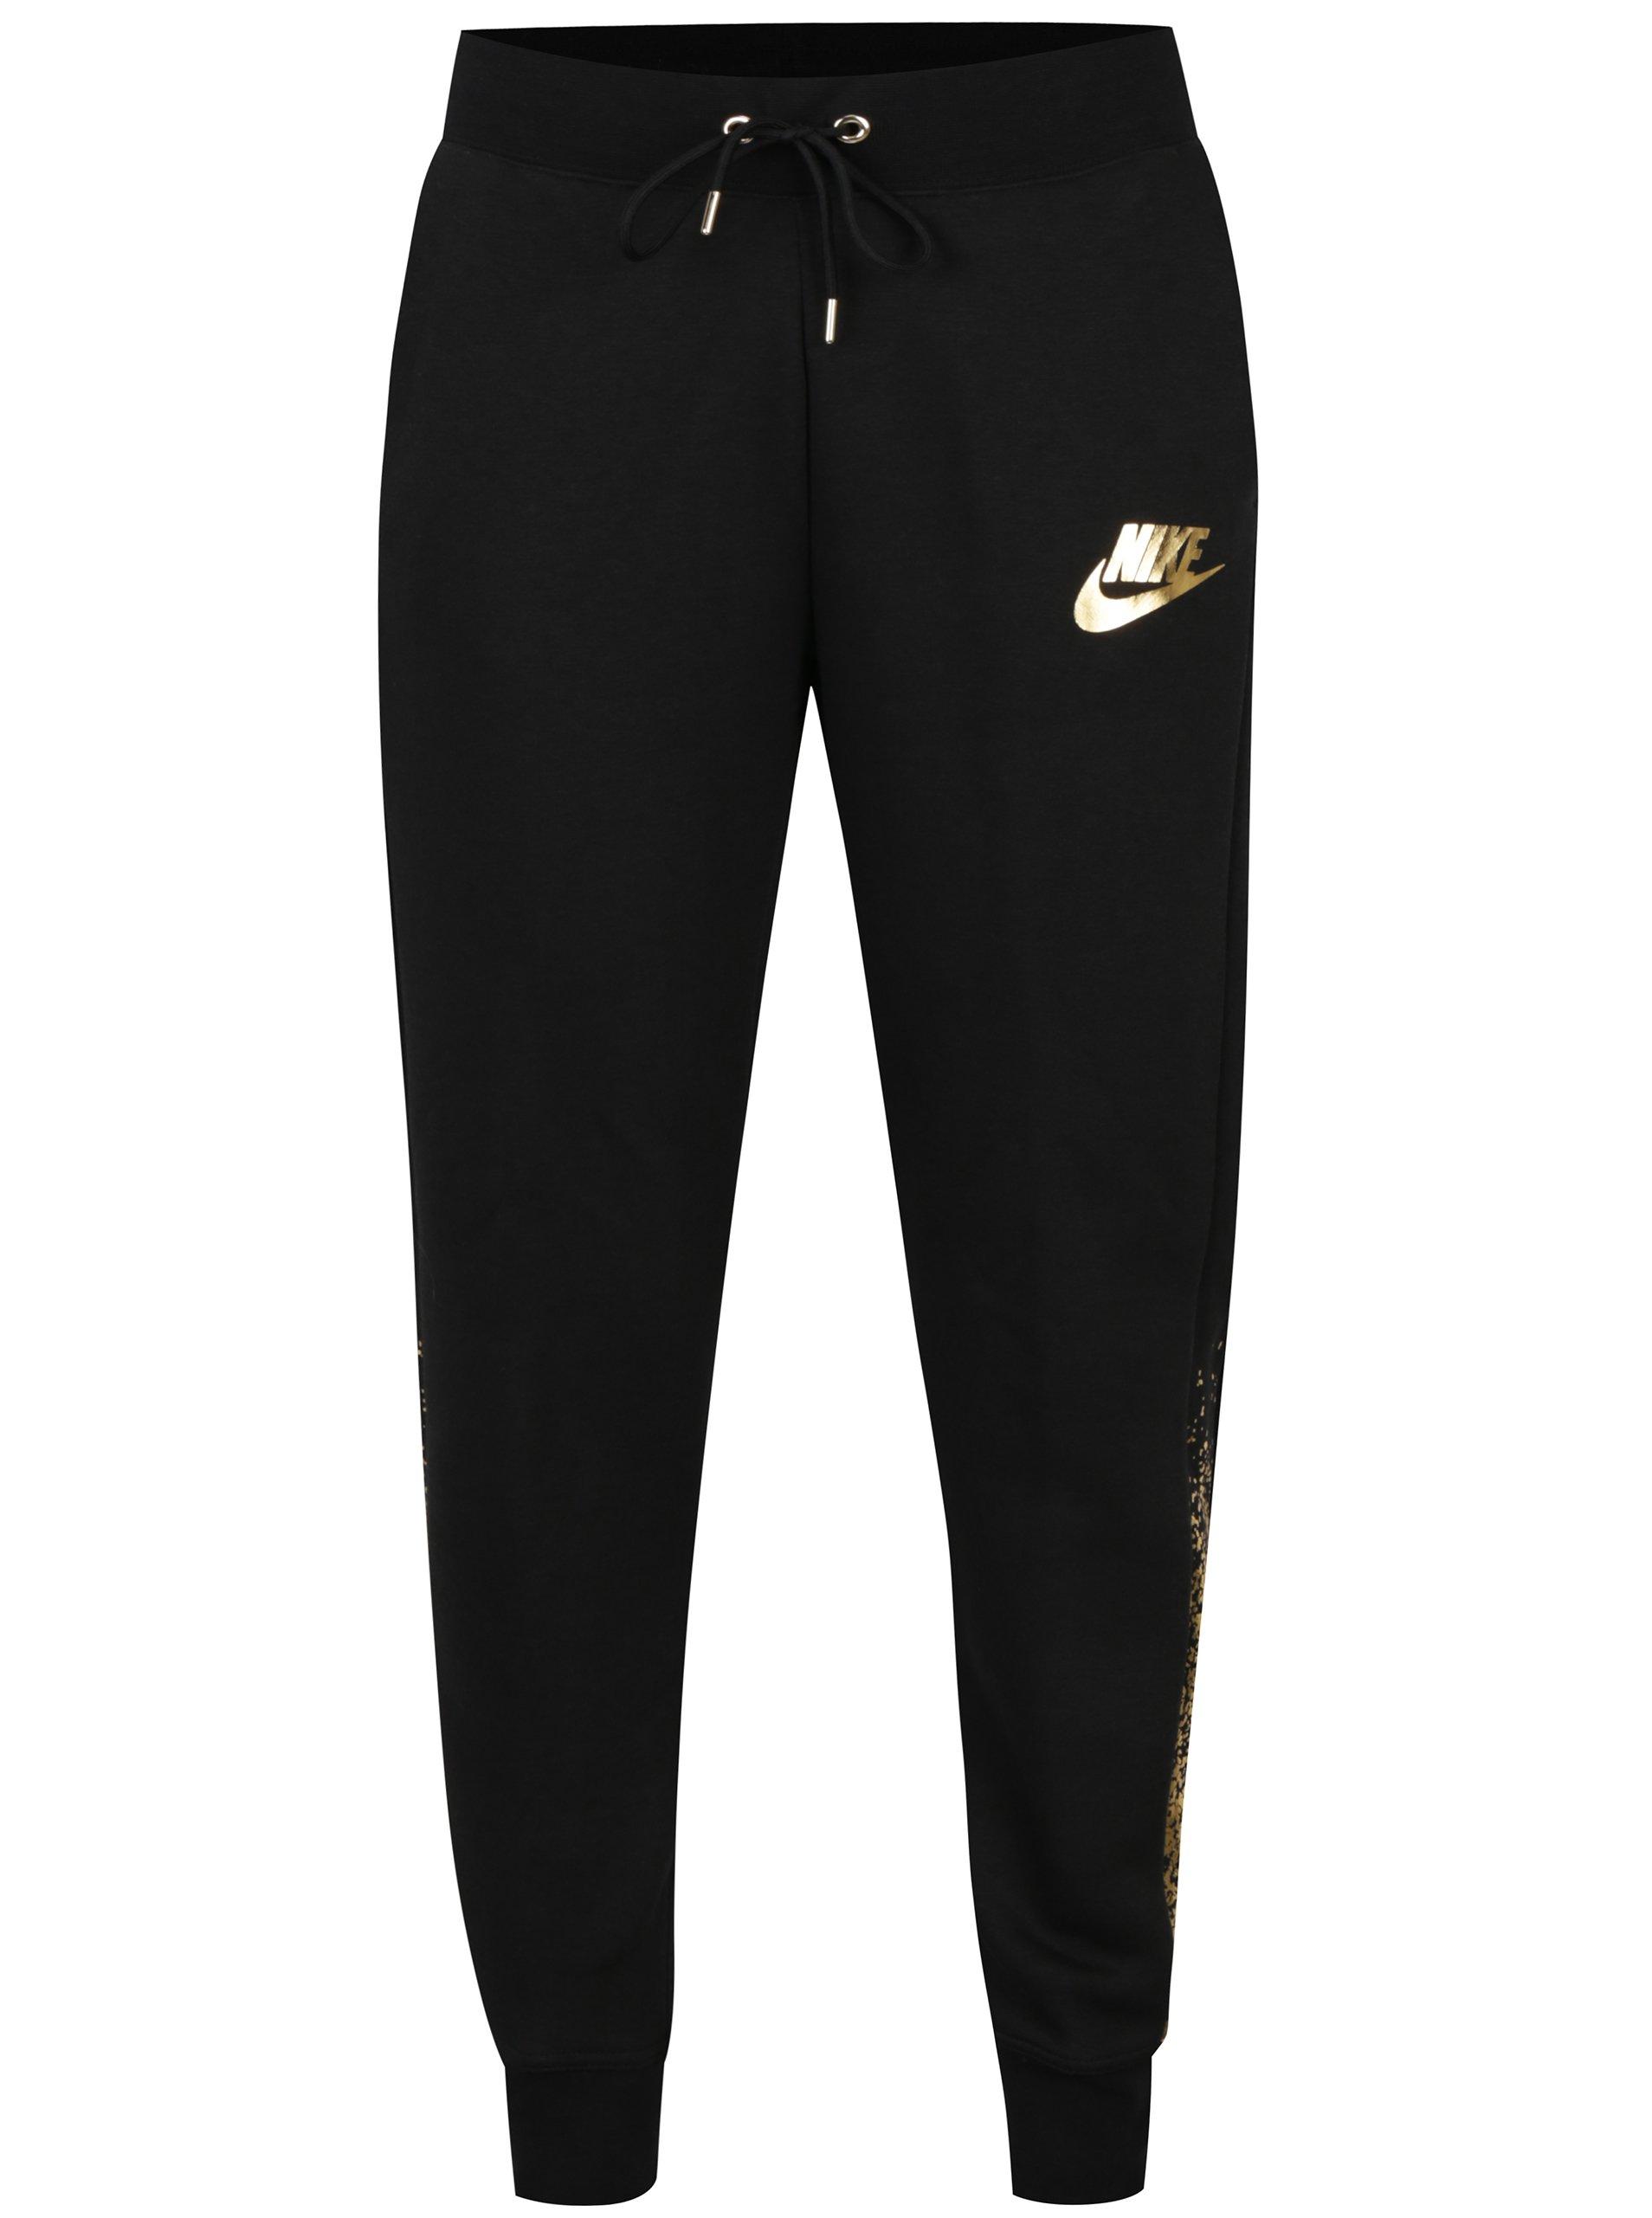 b18bb53a6 Čierne dámske tepláky s potlačou v zlatej farbe Nike Rally | Moda.sk